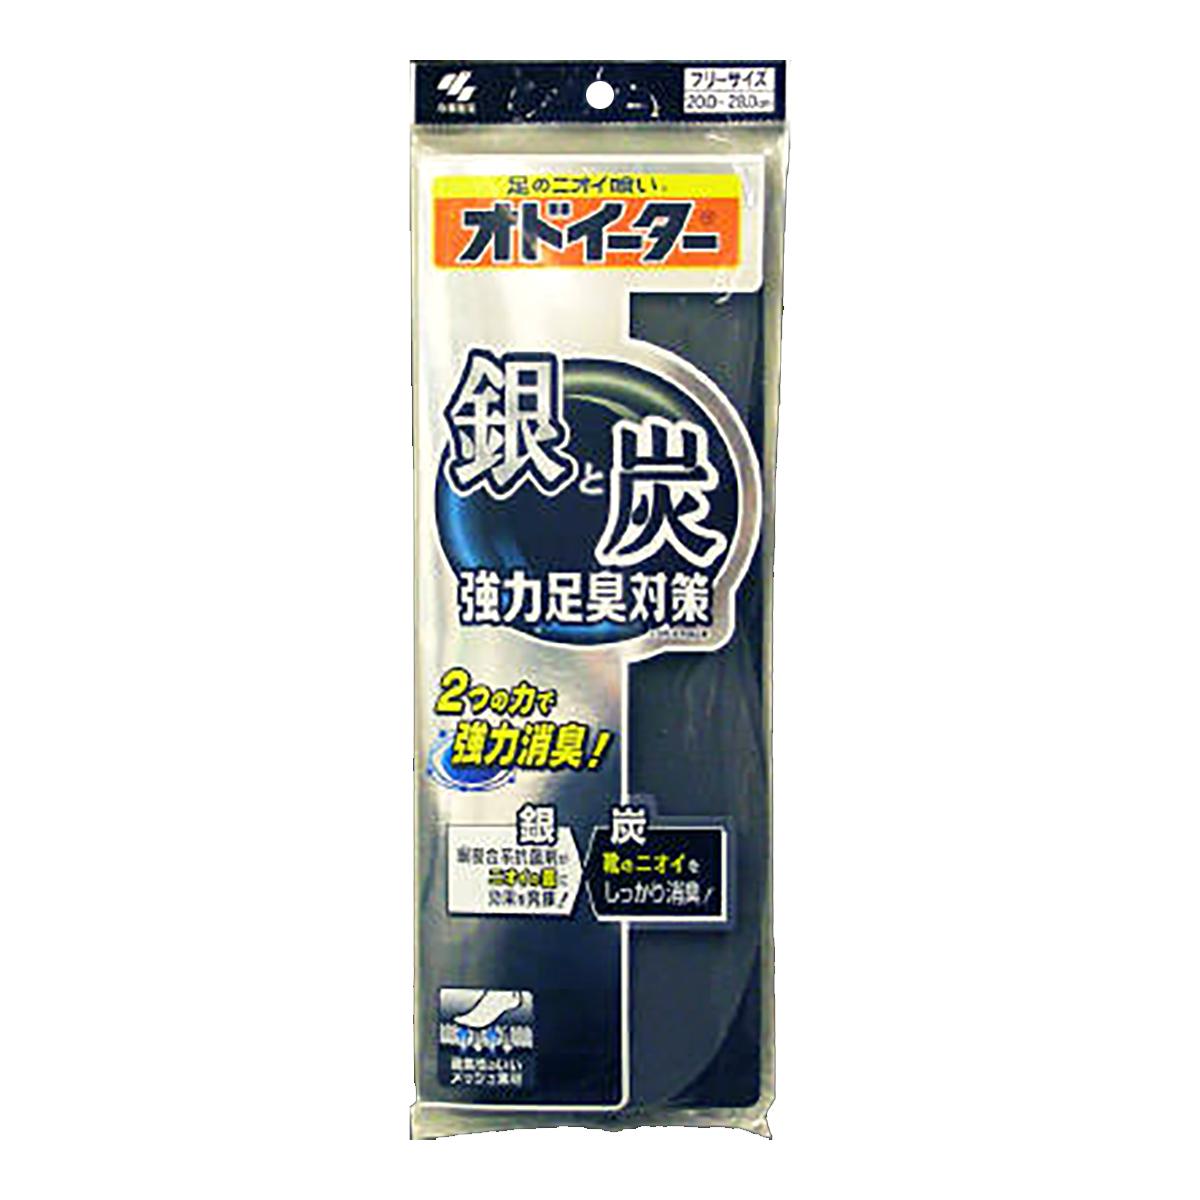 【送料無料】小林製薬 銀と炭のオドイーター フリーサイズ×72点セット まとめ買い特価!ケース販売 ( 4987072064290 )